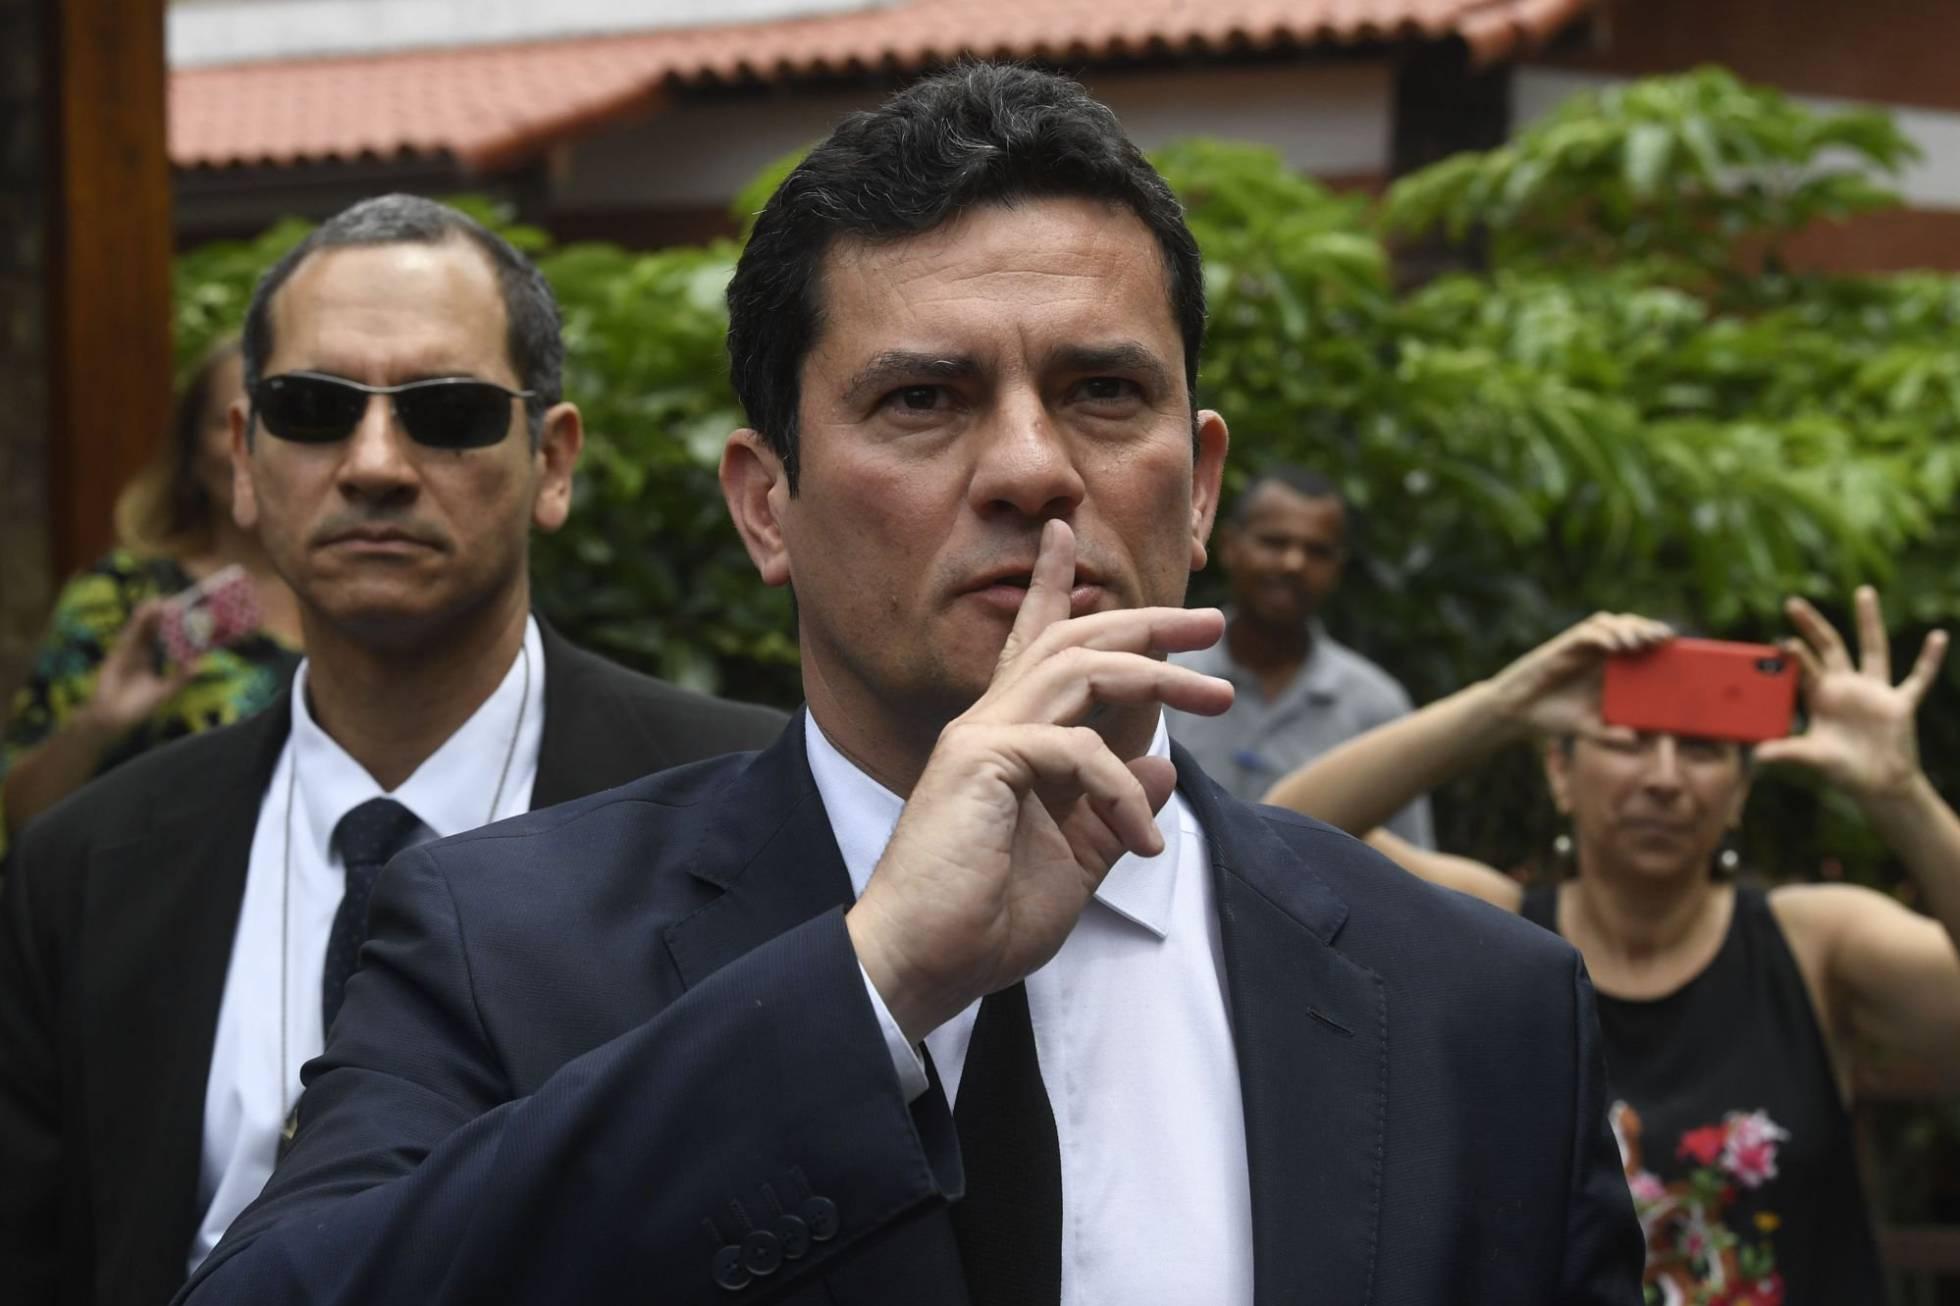 El juez Moro del 'caso Lava Jato' acepta ser ministro de Justicia de Bolsonaro